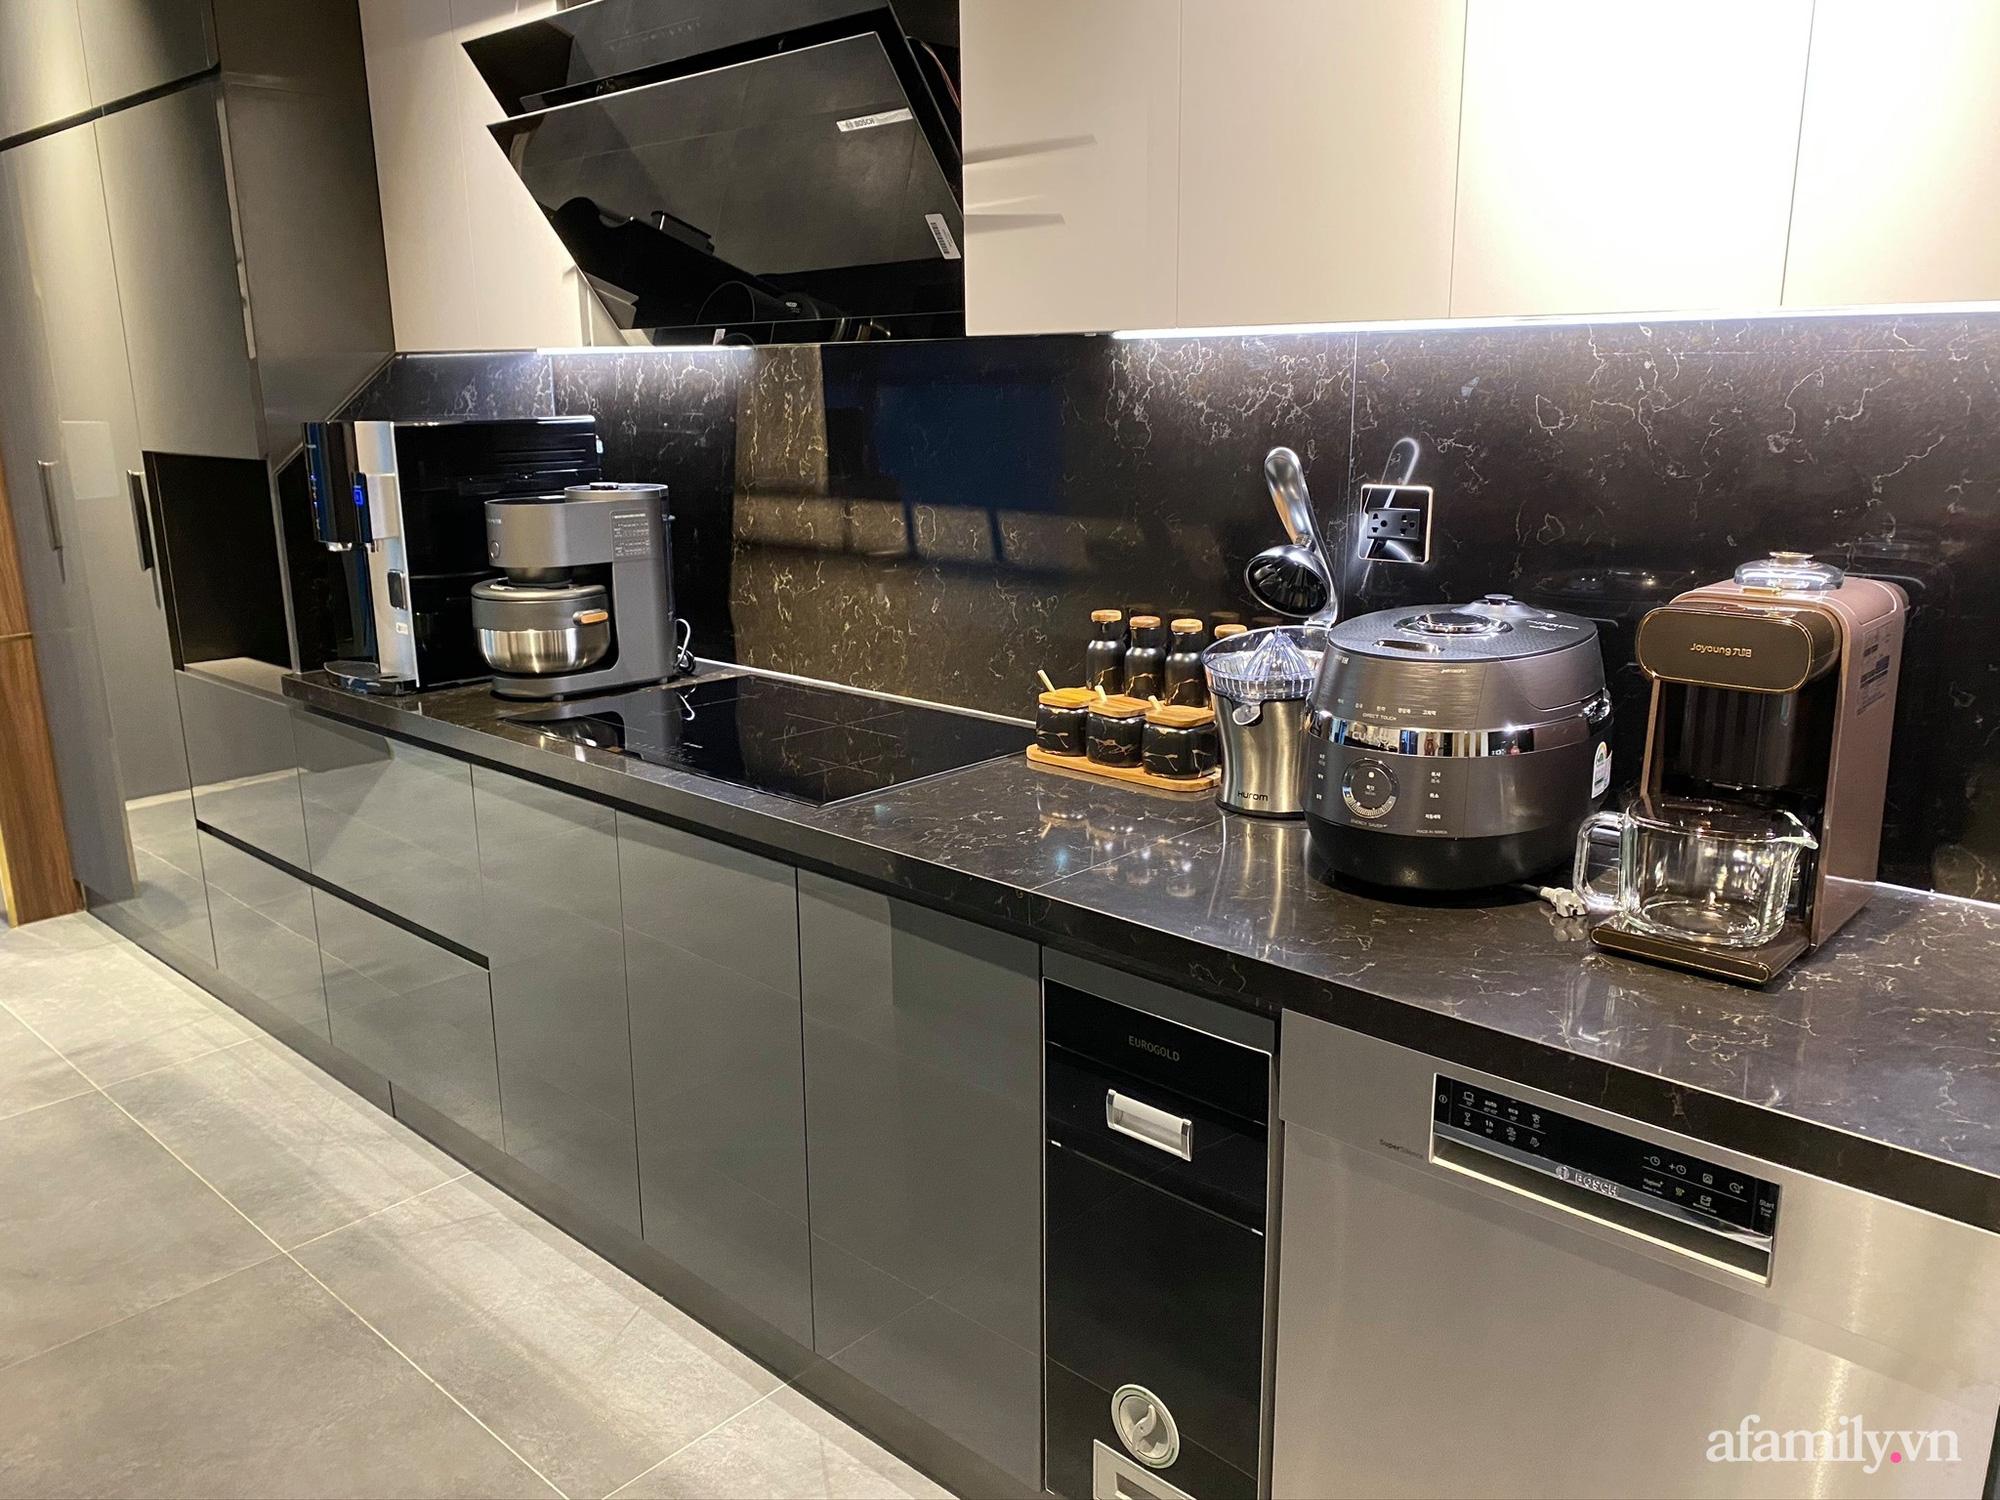 Căn bếp trong mơ với đủ đồ hiện đại của người phụ nữ xinh đẹp ở Hà Nội - Ảnh 2.